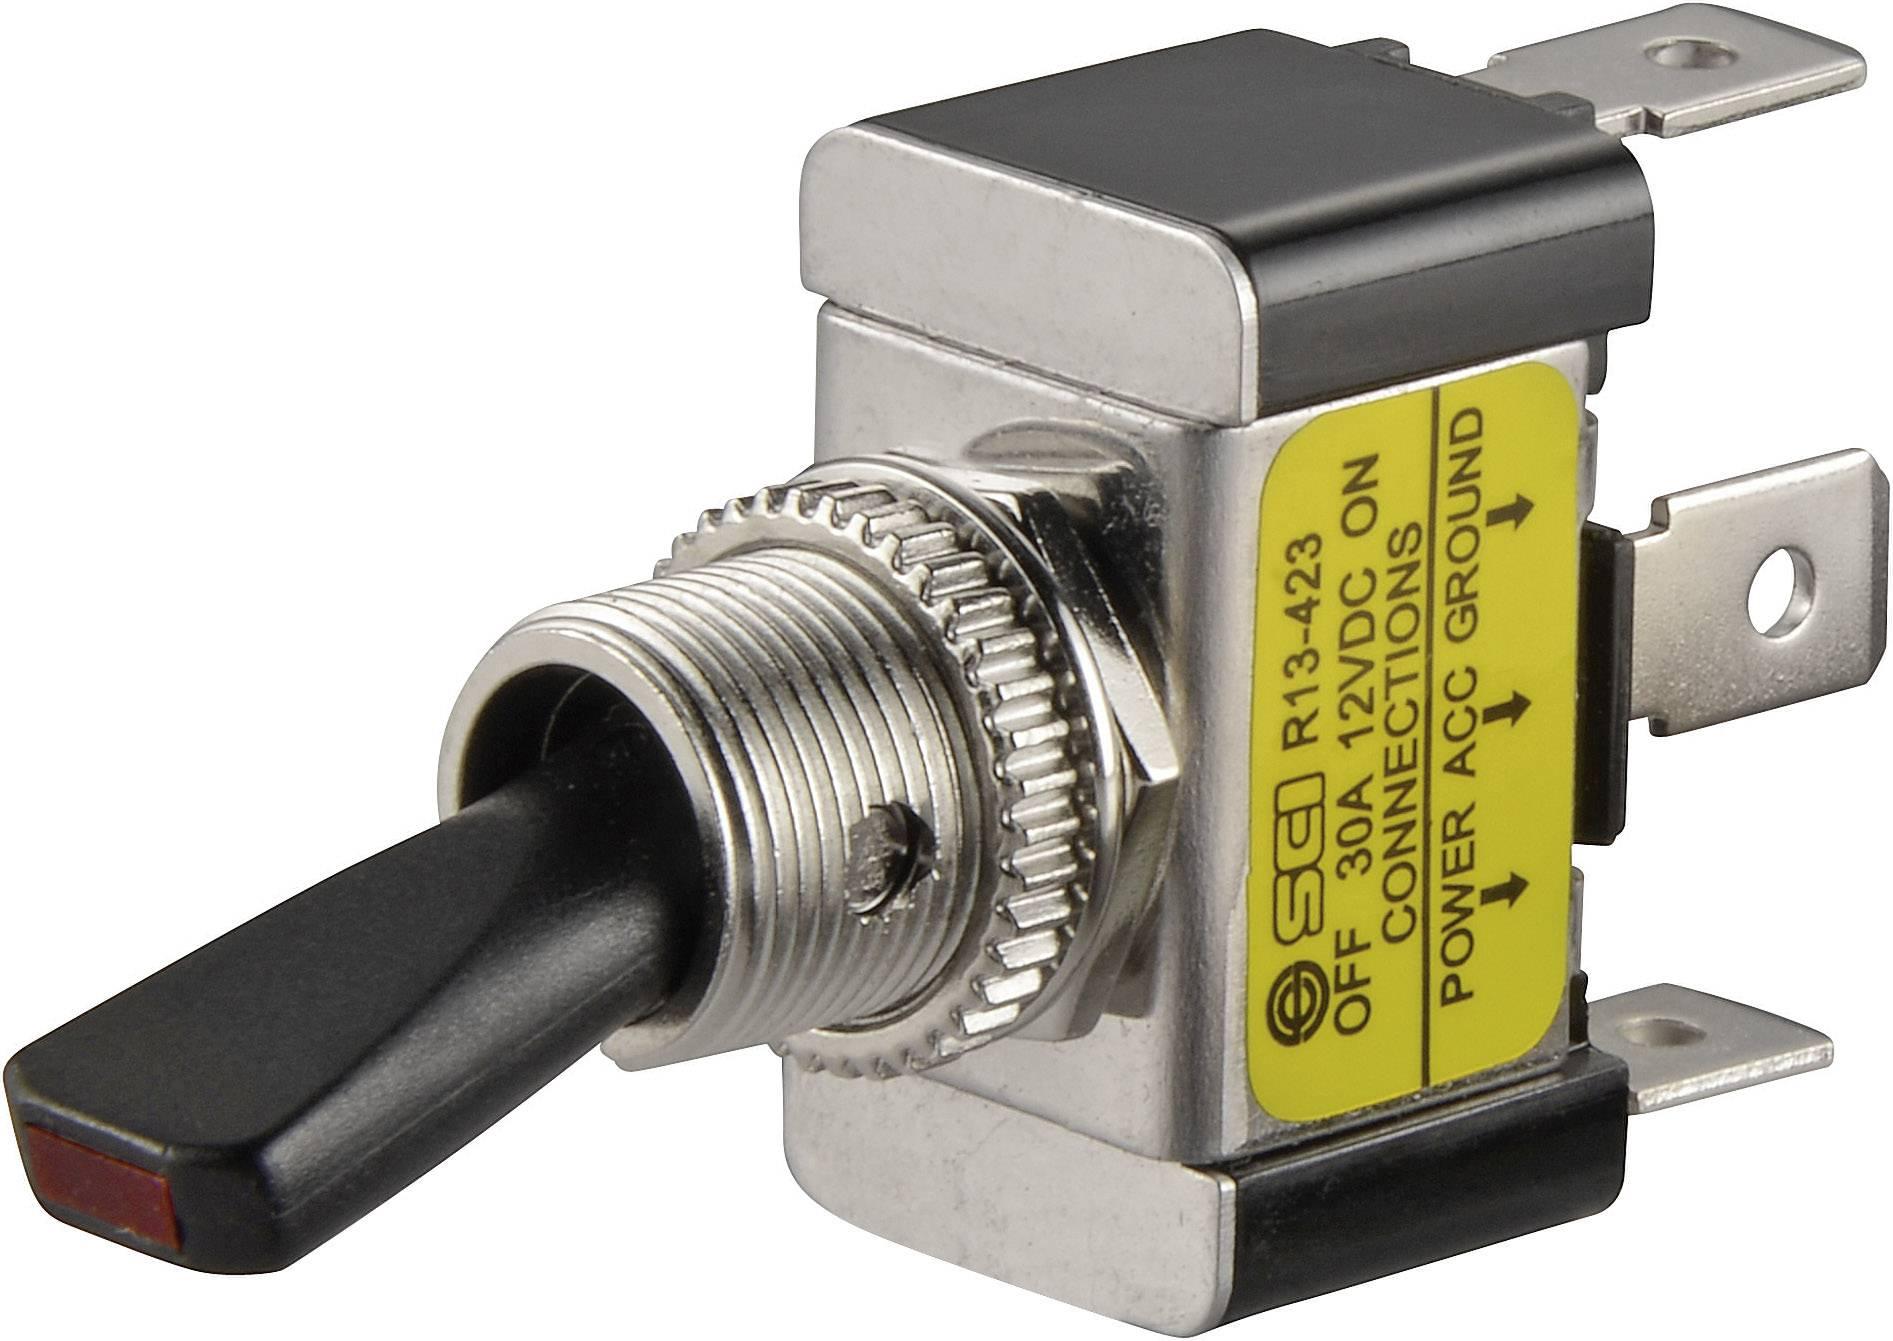 Páčkový prepínač do auta SCI R13-423L GELB, 12 V/DC, 30 A, s aretáciou, 1 ks